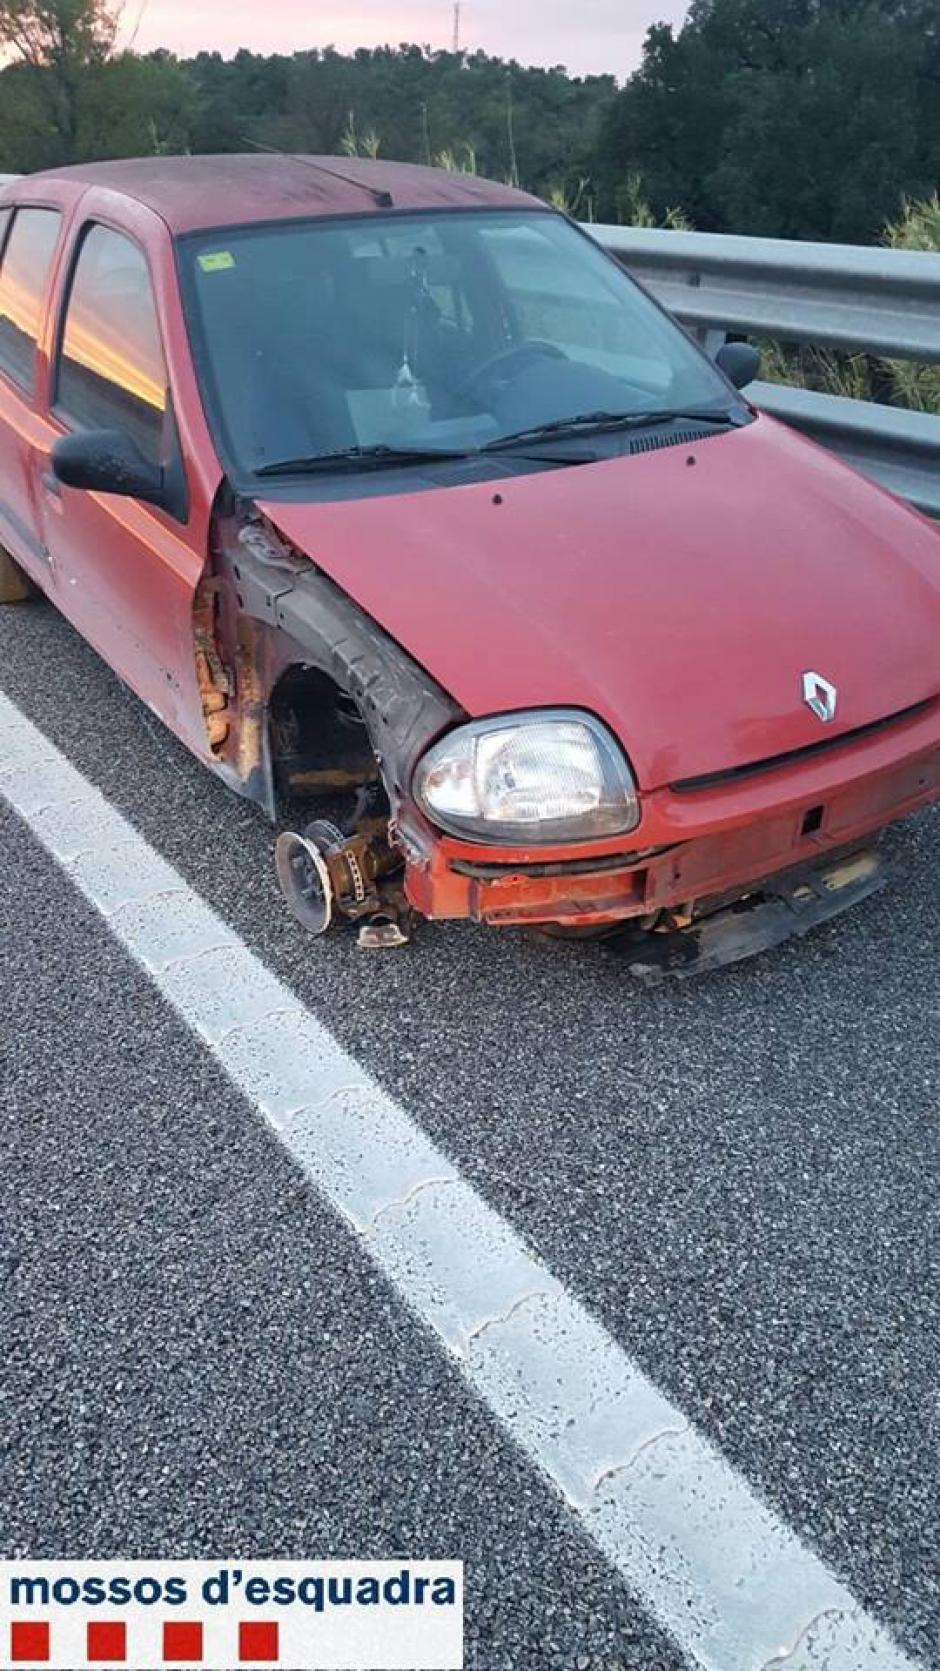 La mujer conducía contra la vía y en estado de ebriedad por lo que fue detenida. (Foto: Facebook/Mossos d'Esquadra)